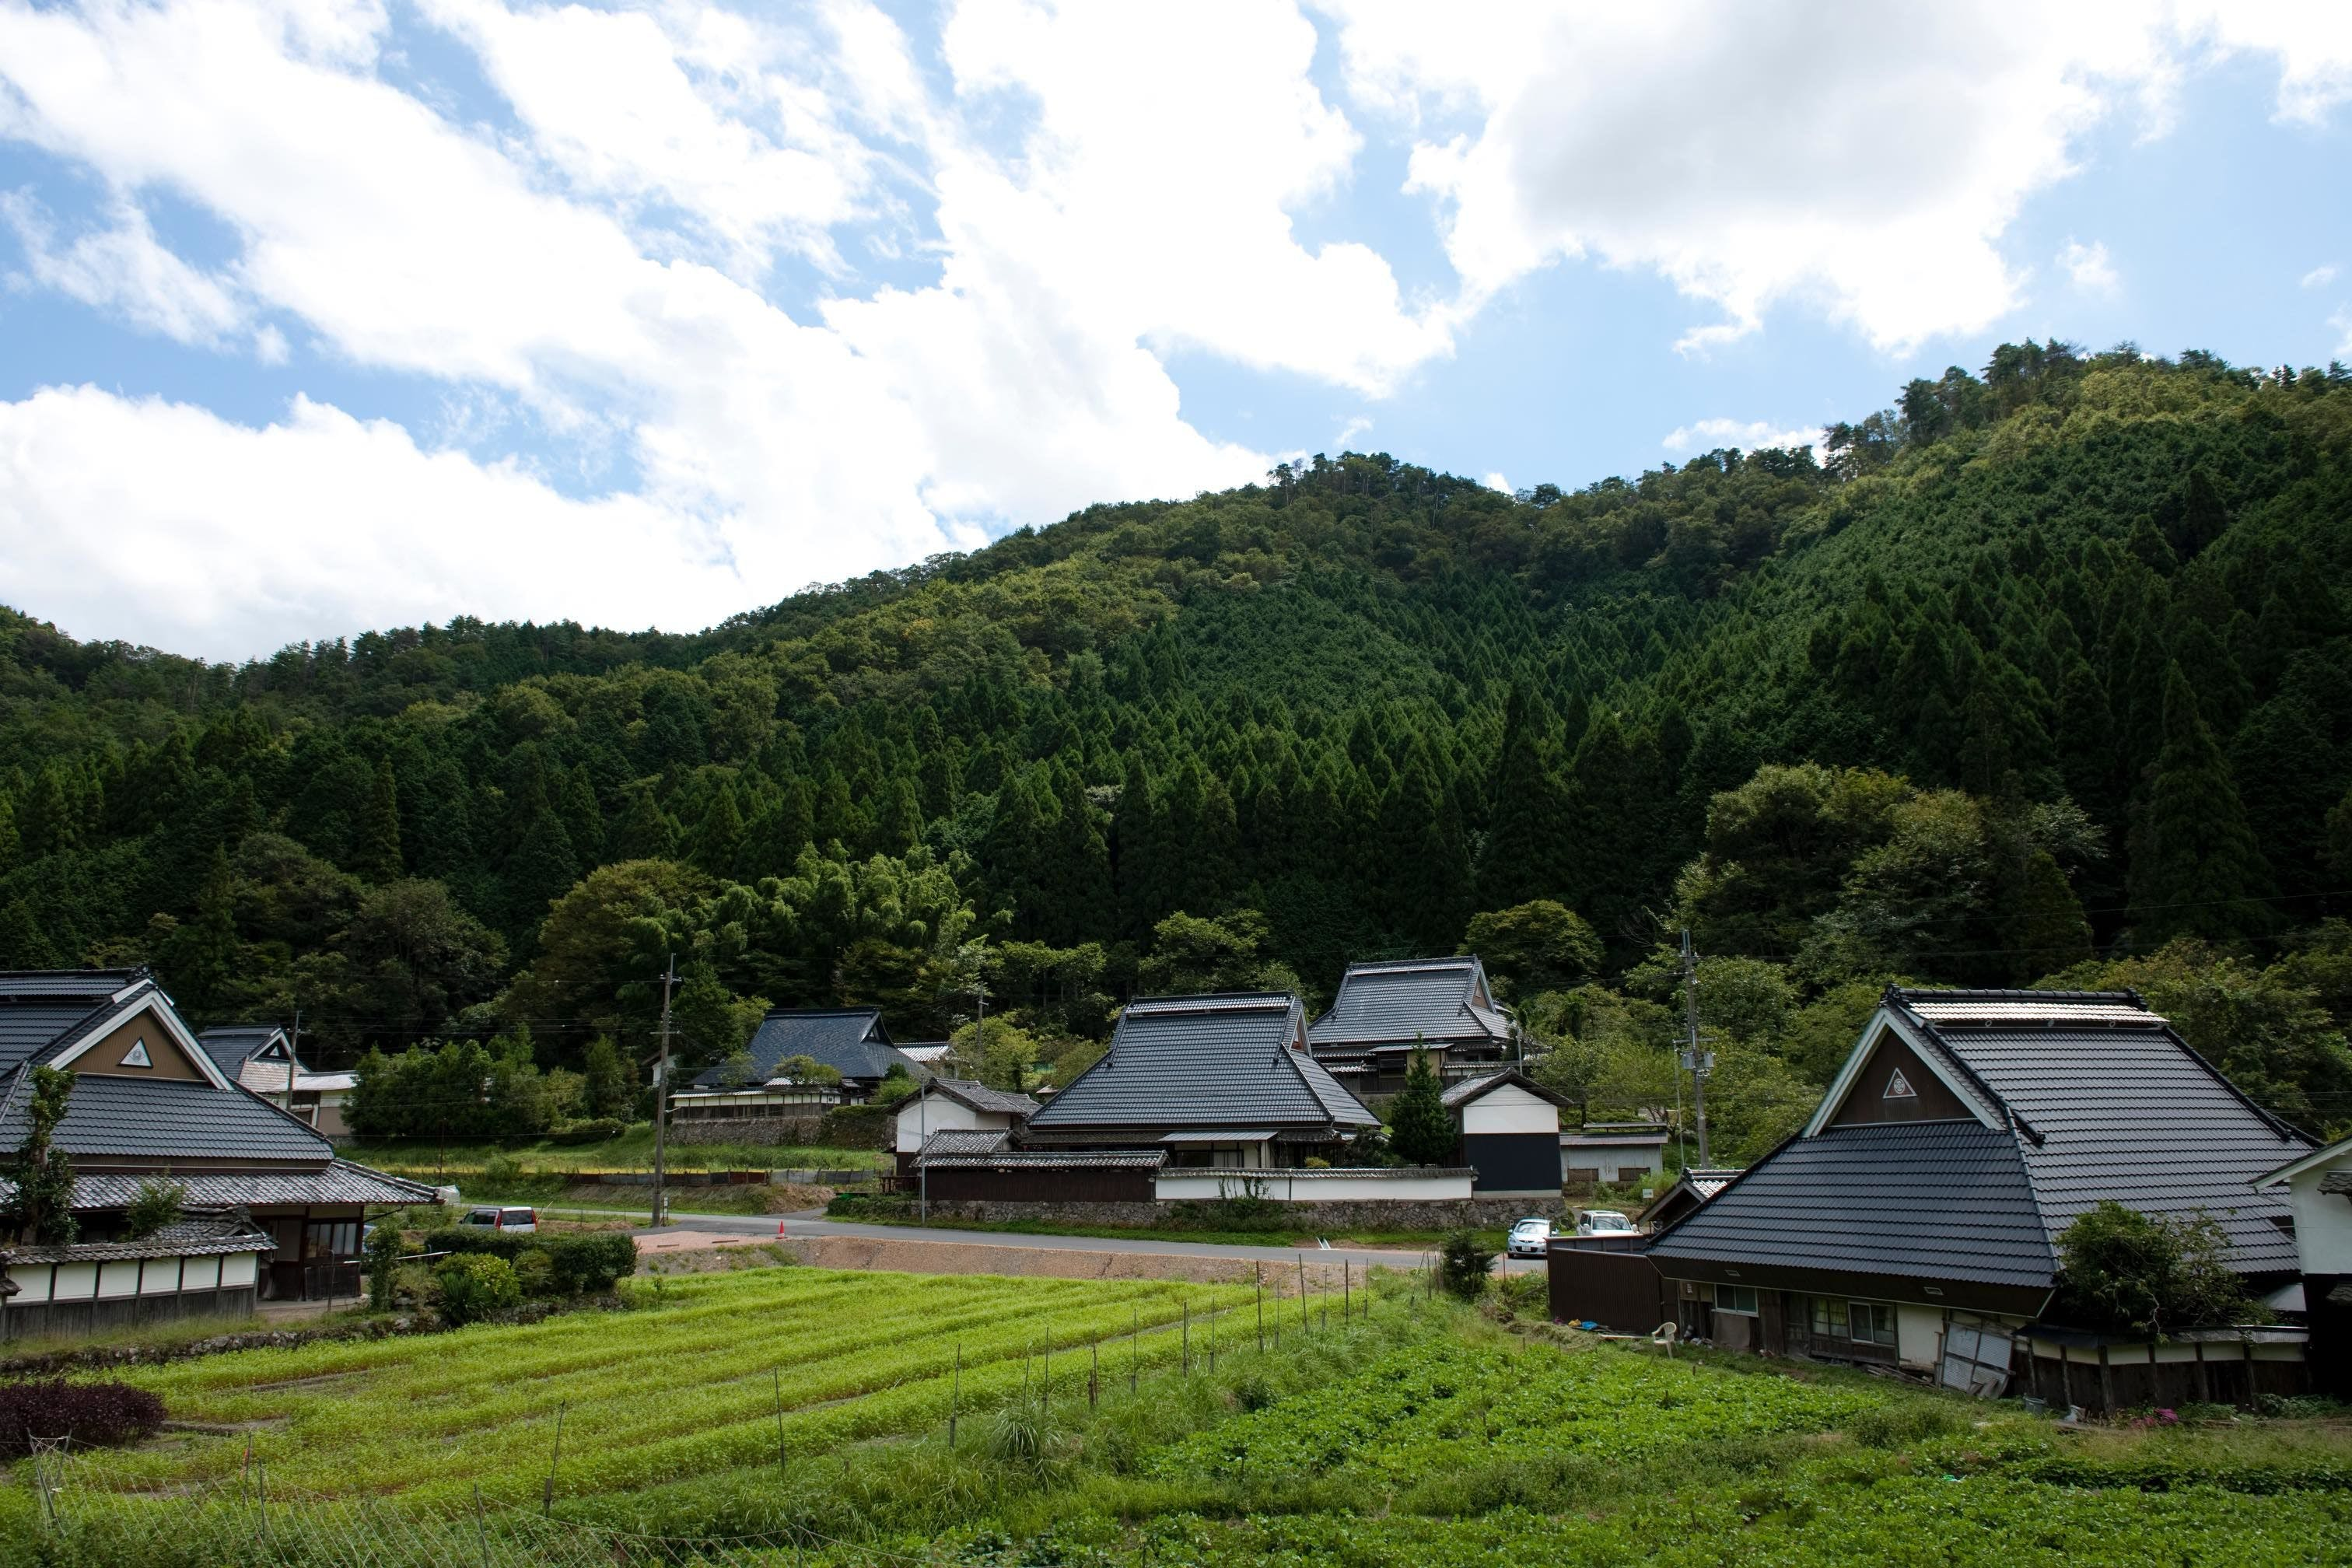 日本の原風景の中で貴重な体験。心に残る古民家ステイ